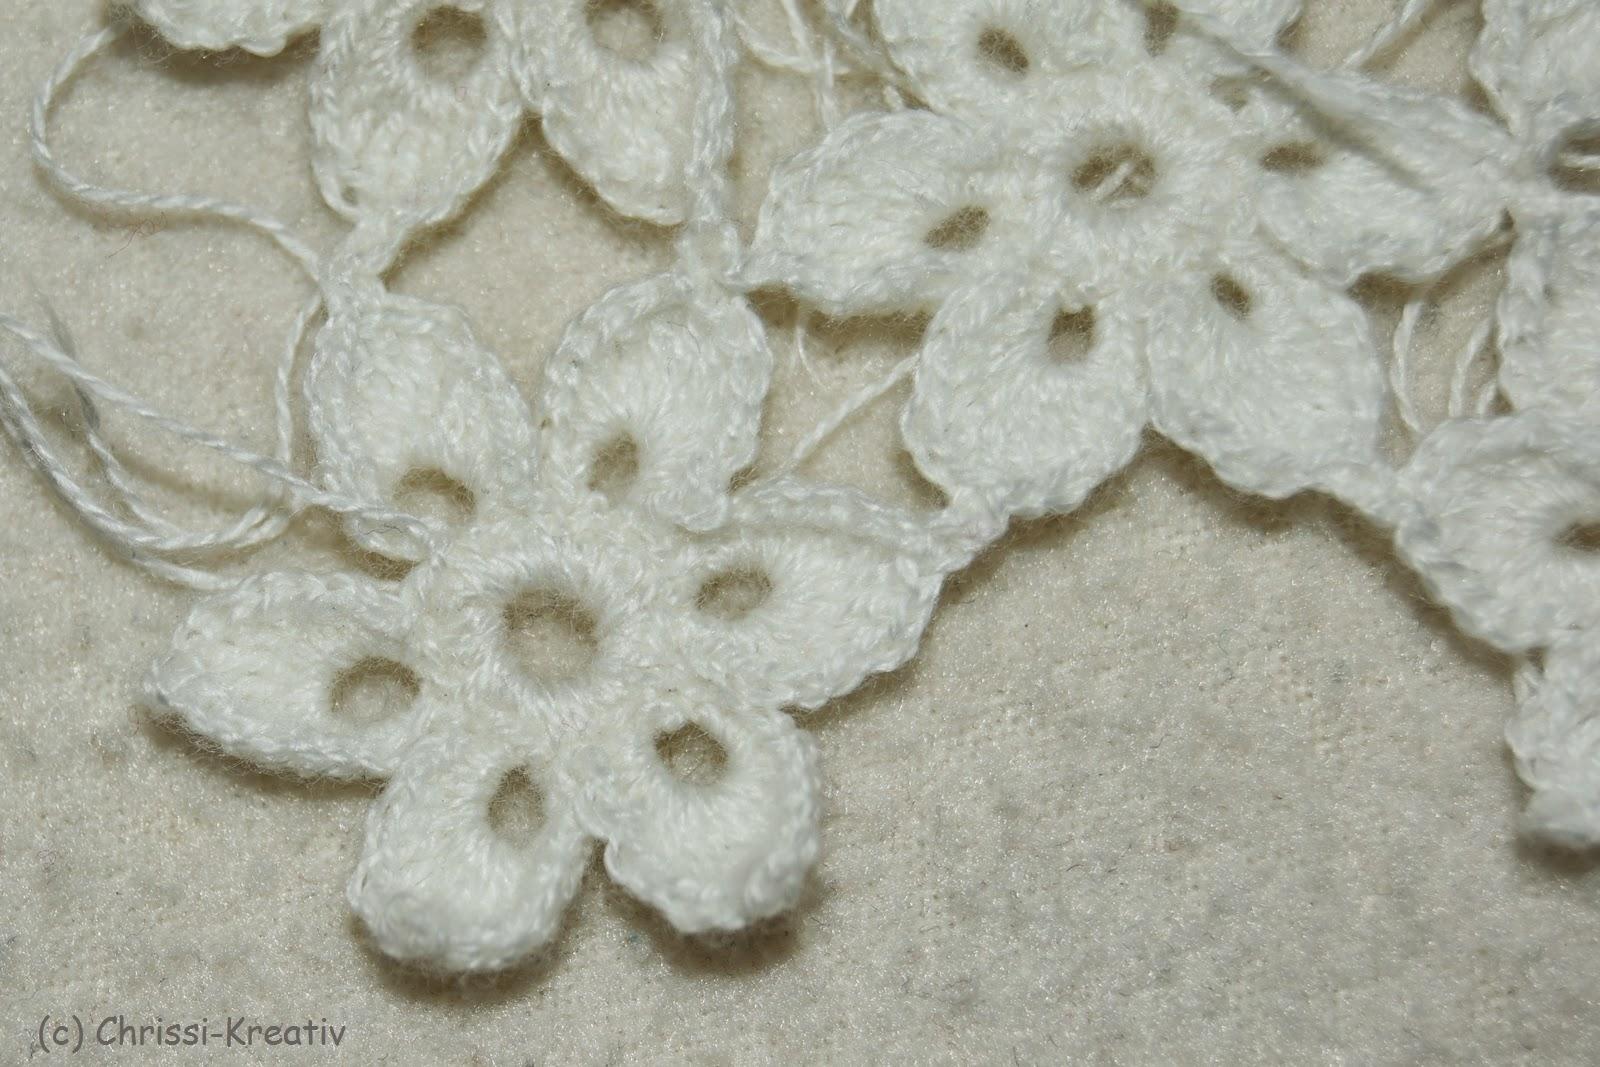 Chrissi - kreativ: WIP - Hochzeitskleid